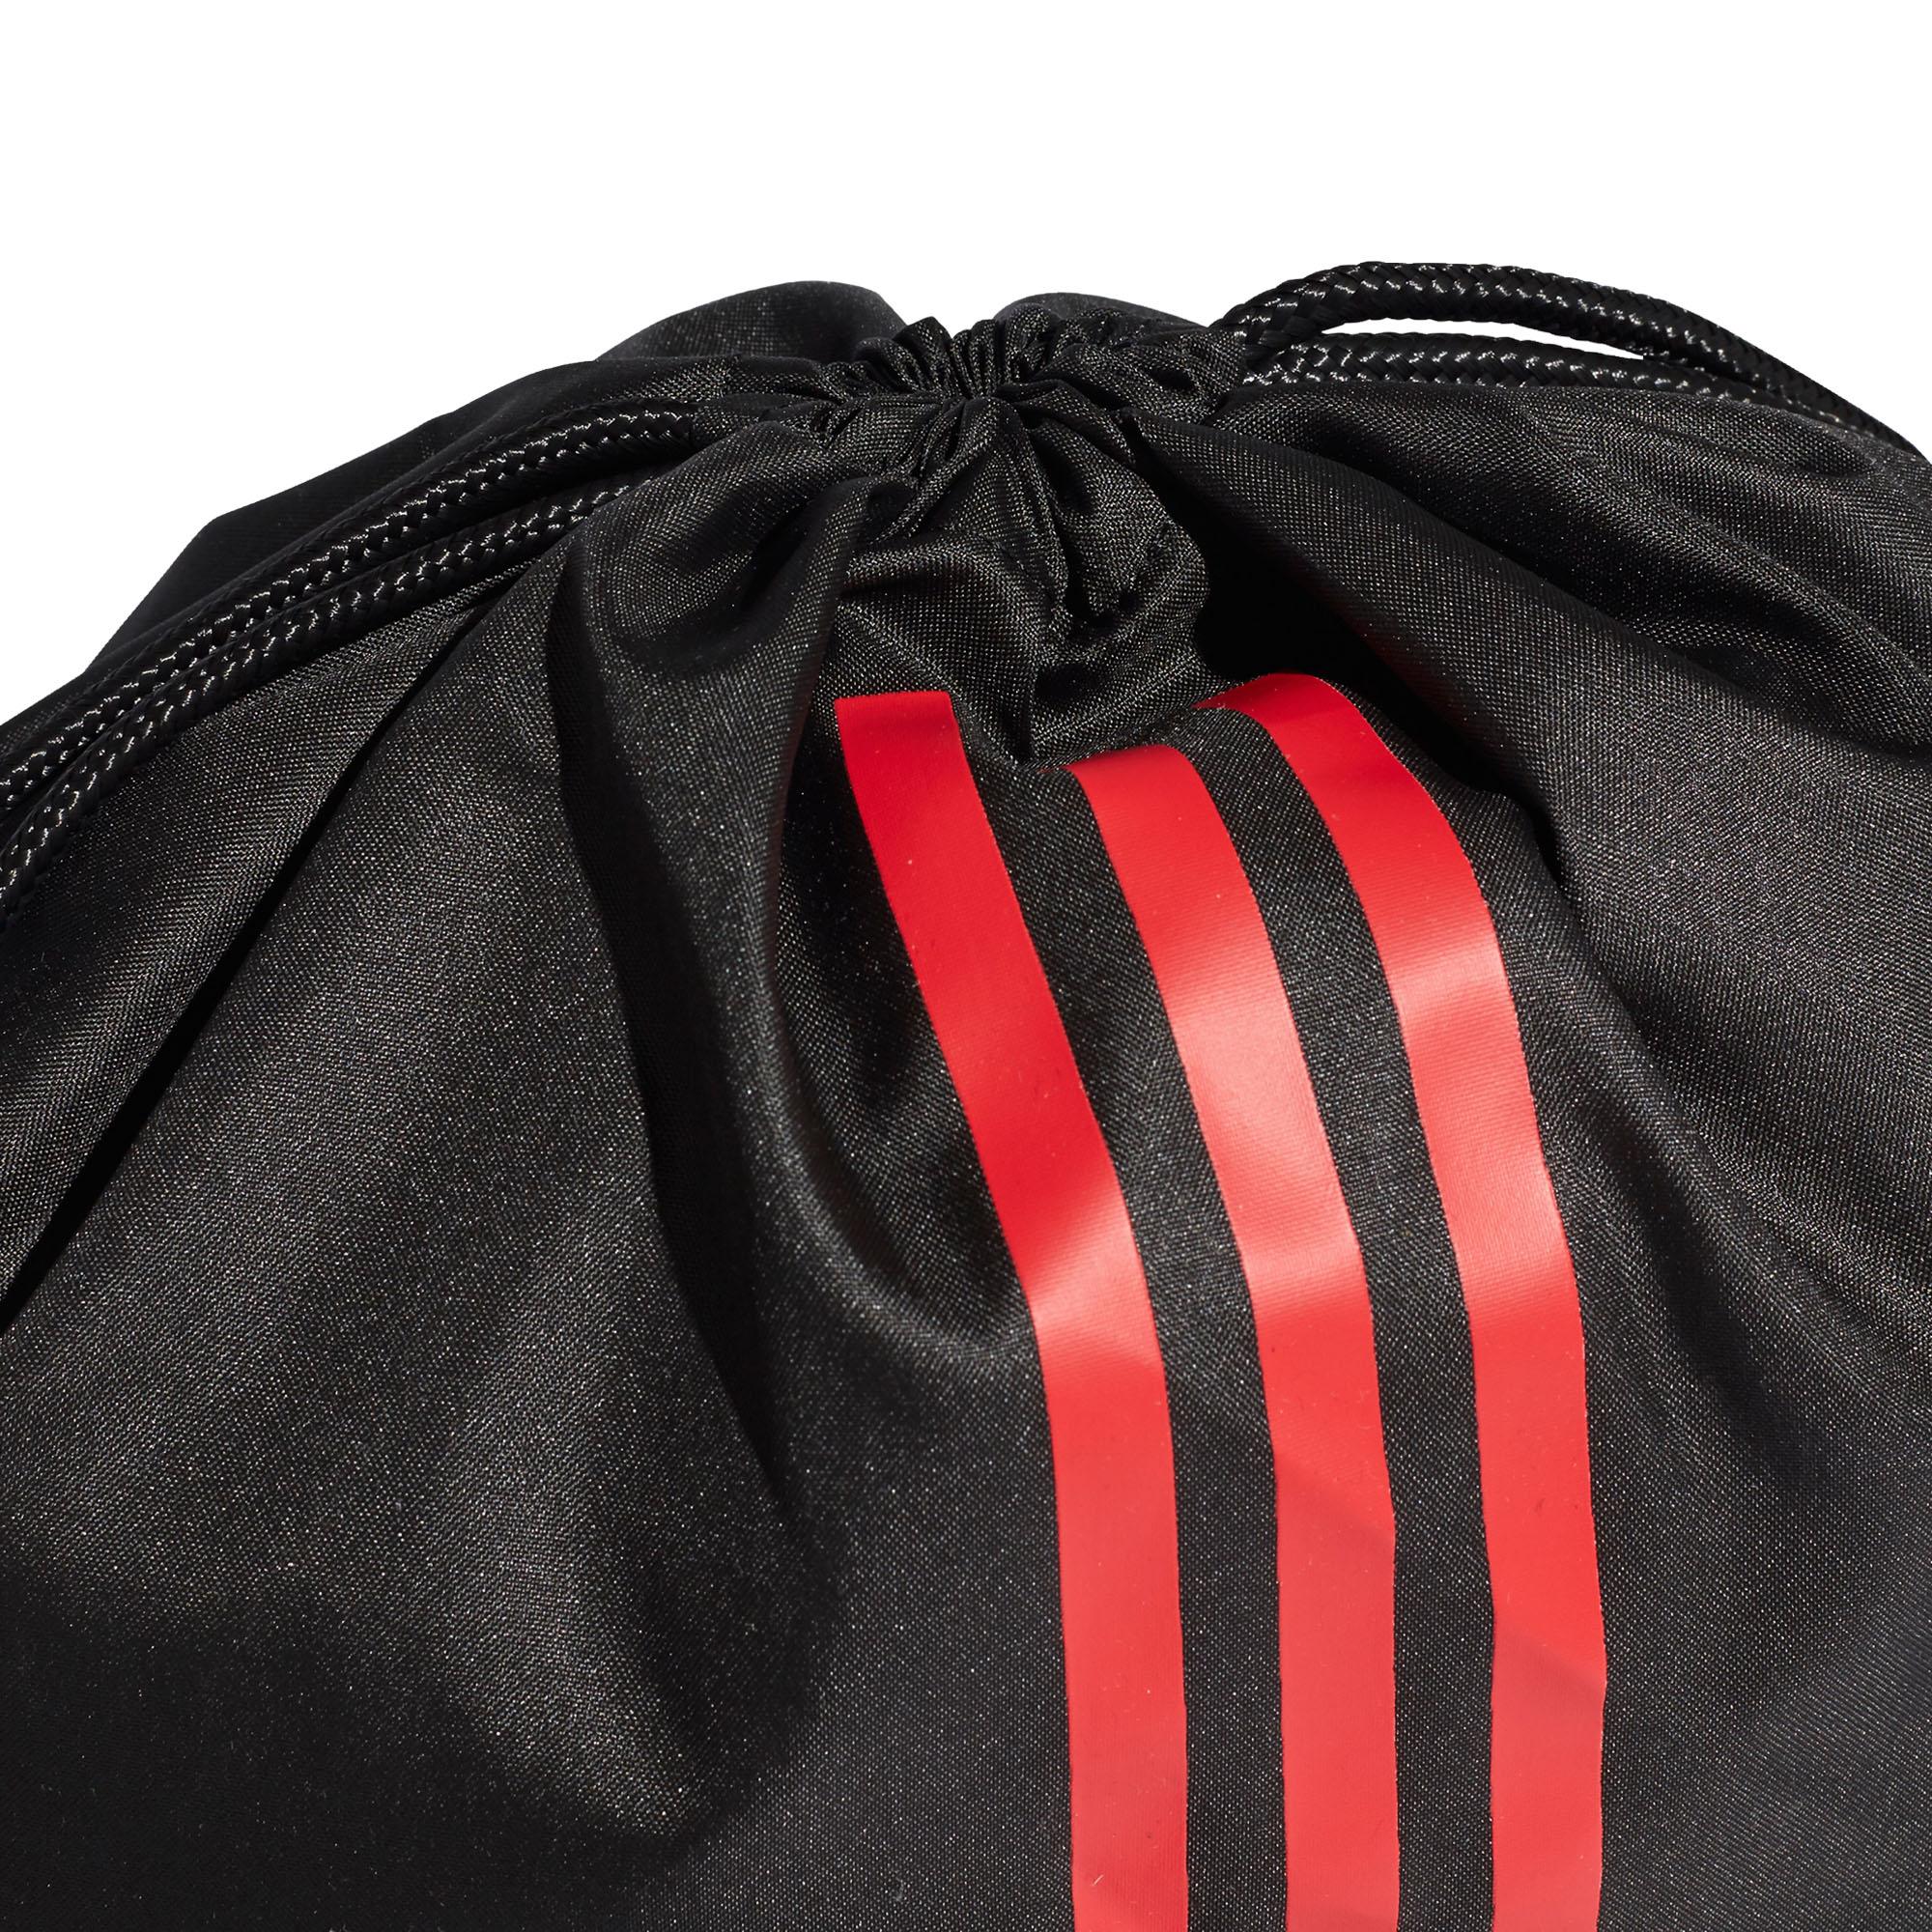 af7ce219a8 Adidas Manchester United Calcio Borsa da Palestra Borsone Sacca ...